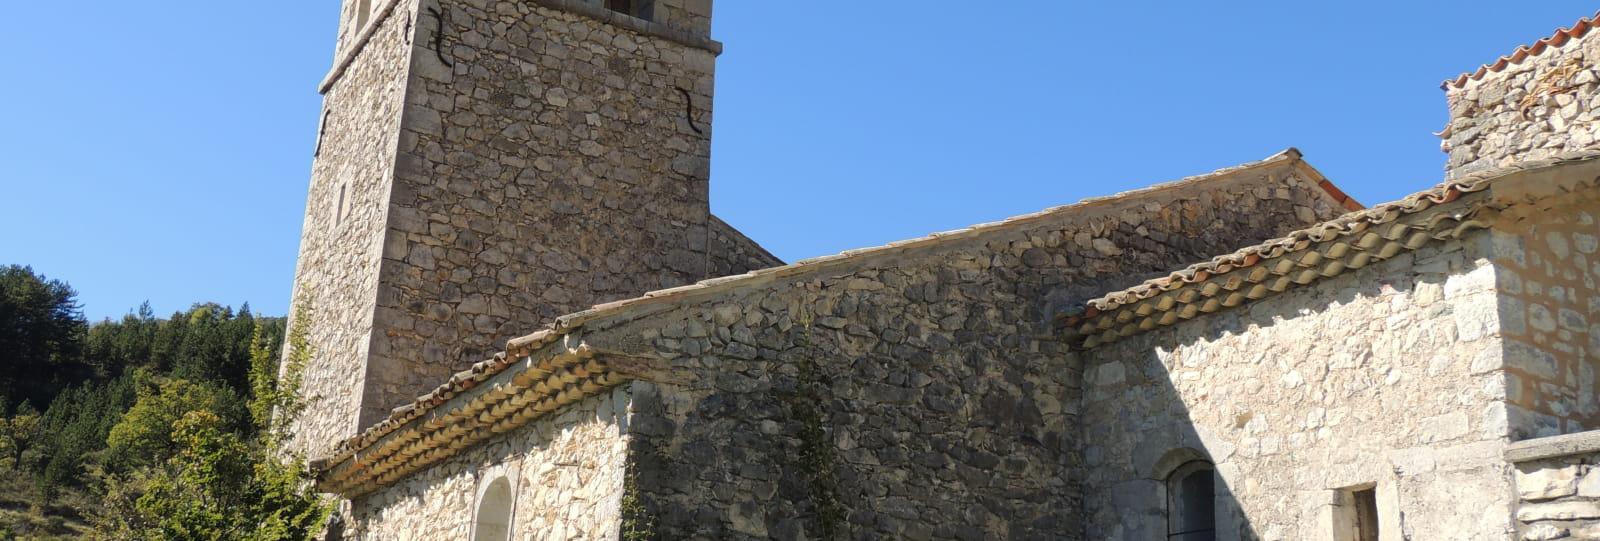 Eglise des Asnières à Montfroc